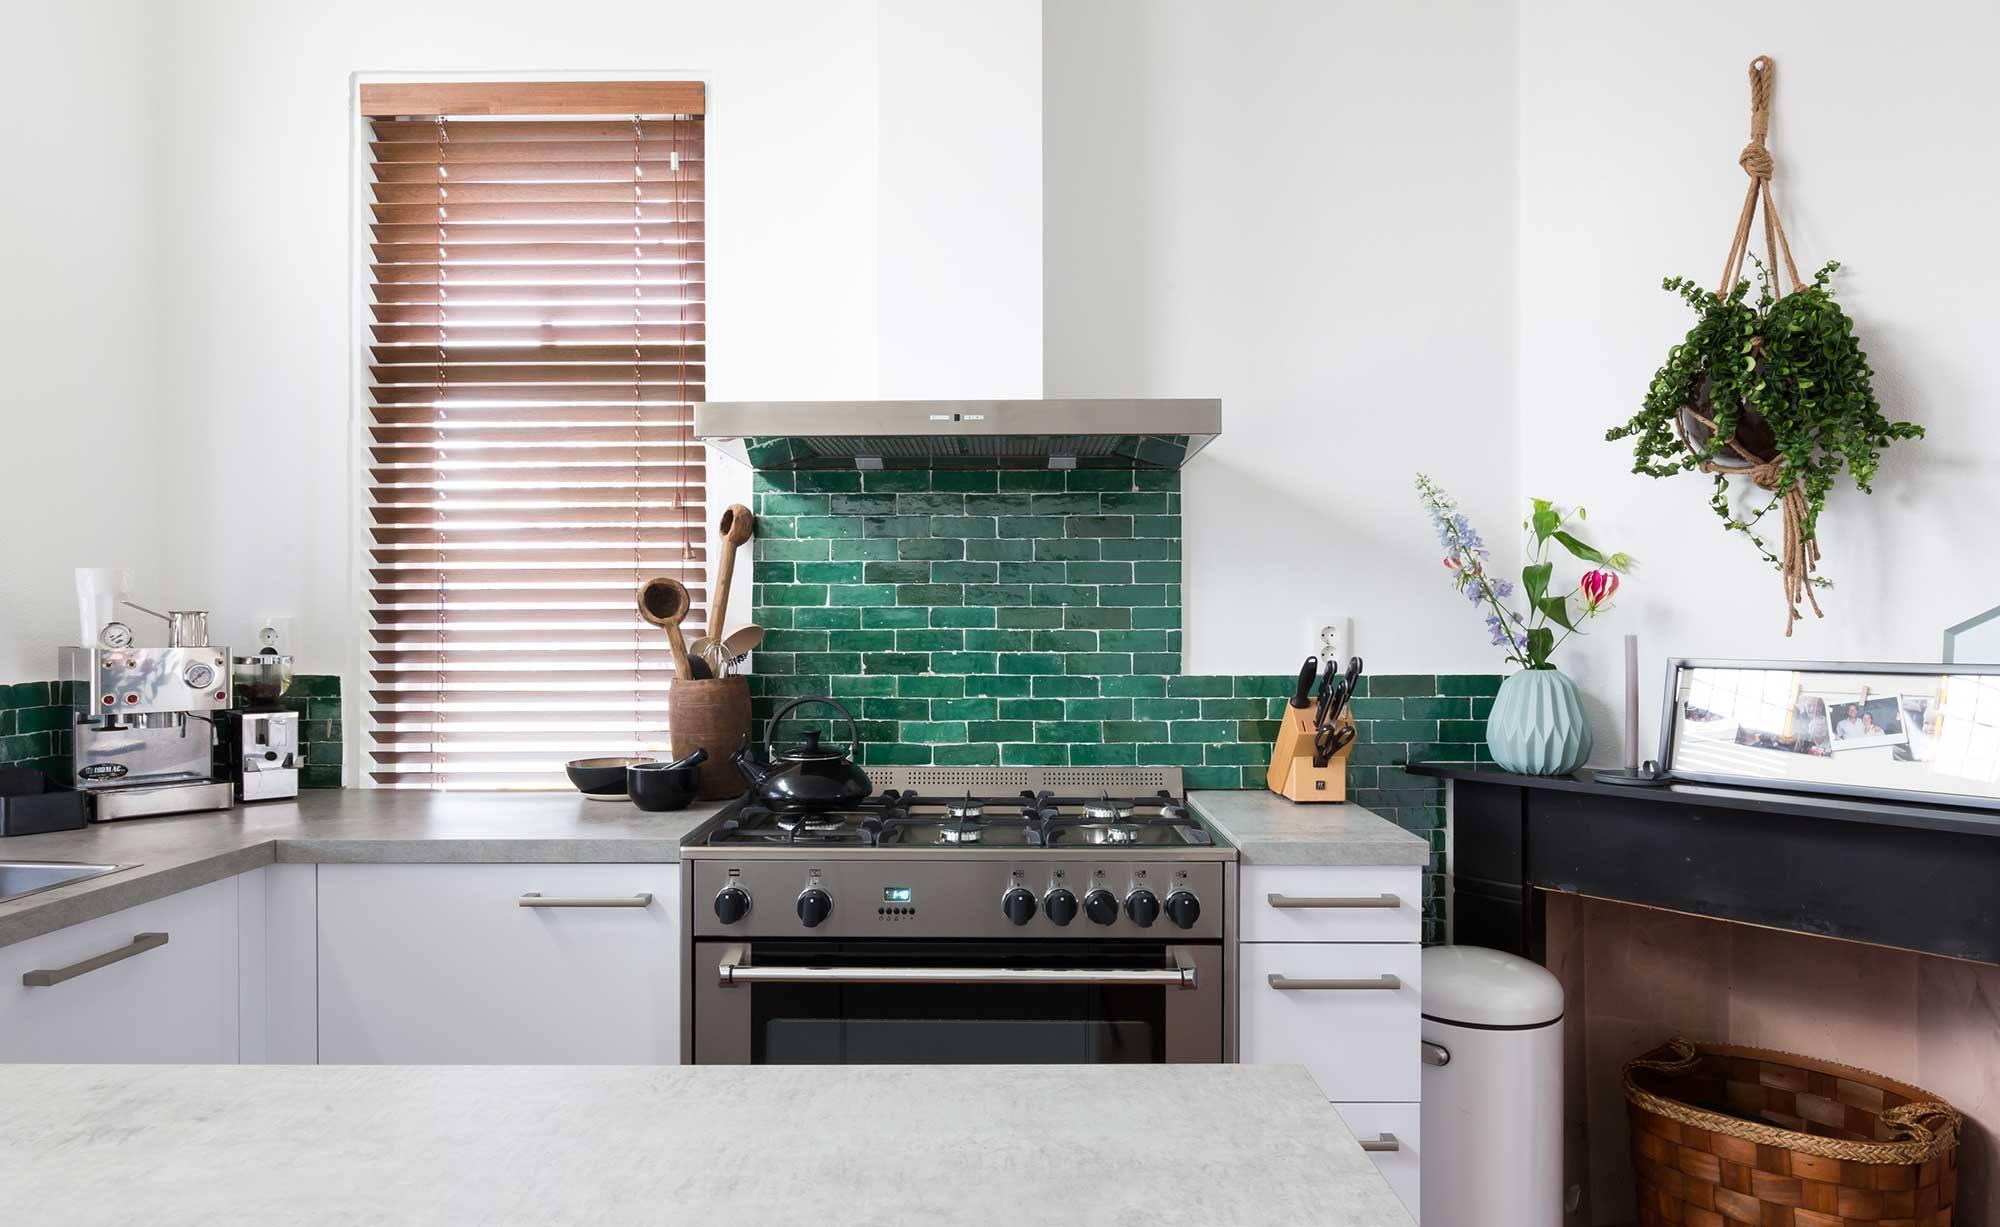 10 X Keukentrends Voor 2017 Nieuws Startpagina Voor Keuken